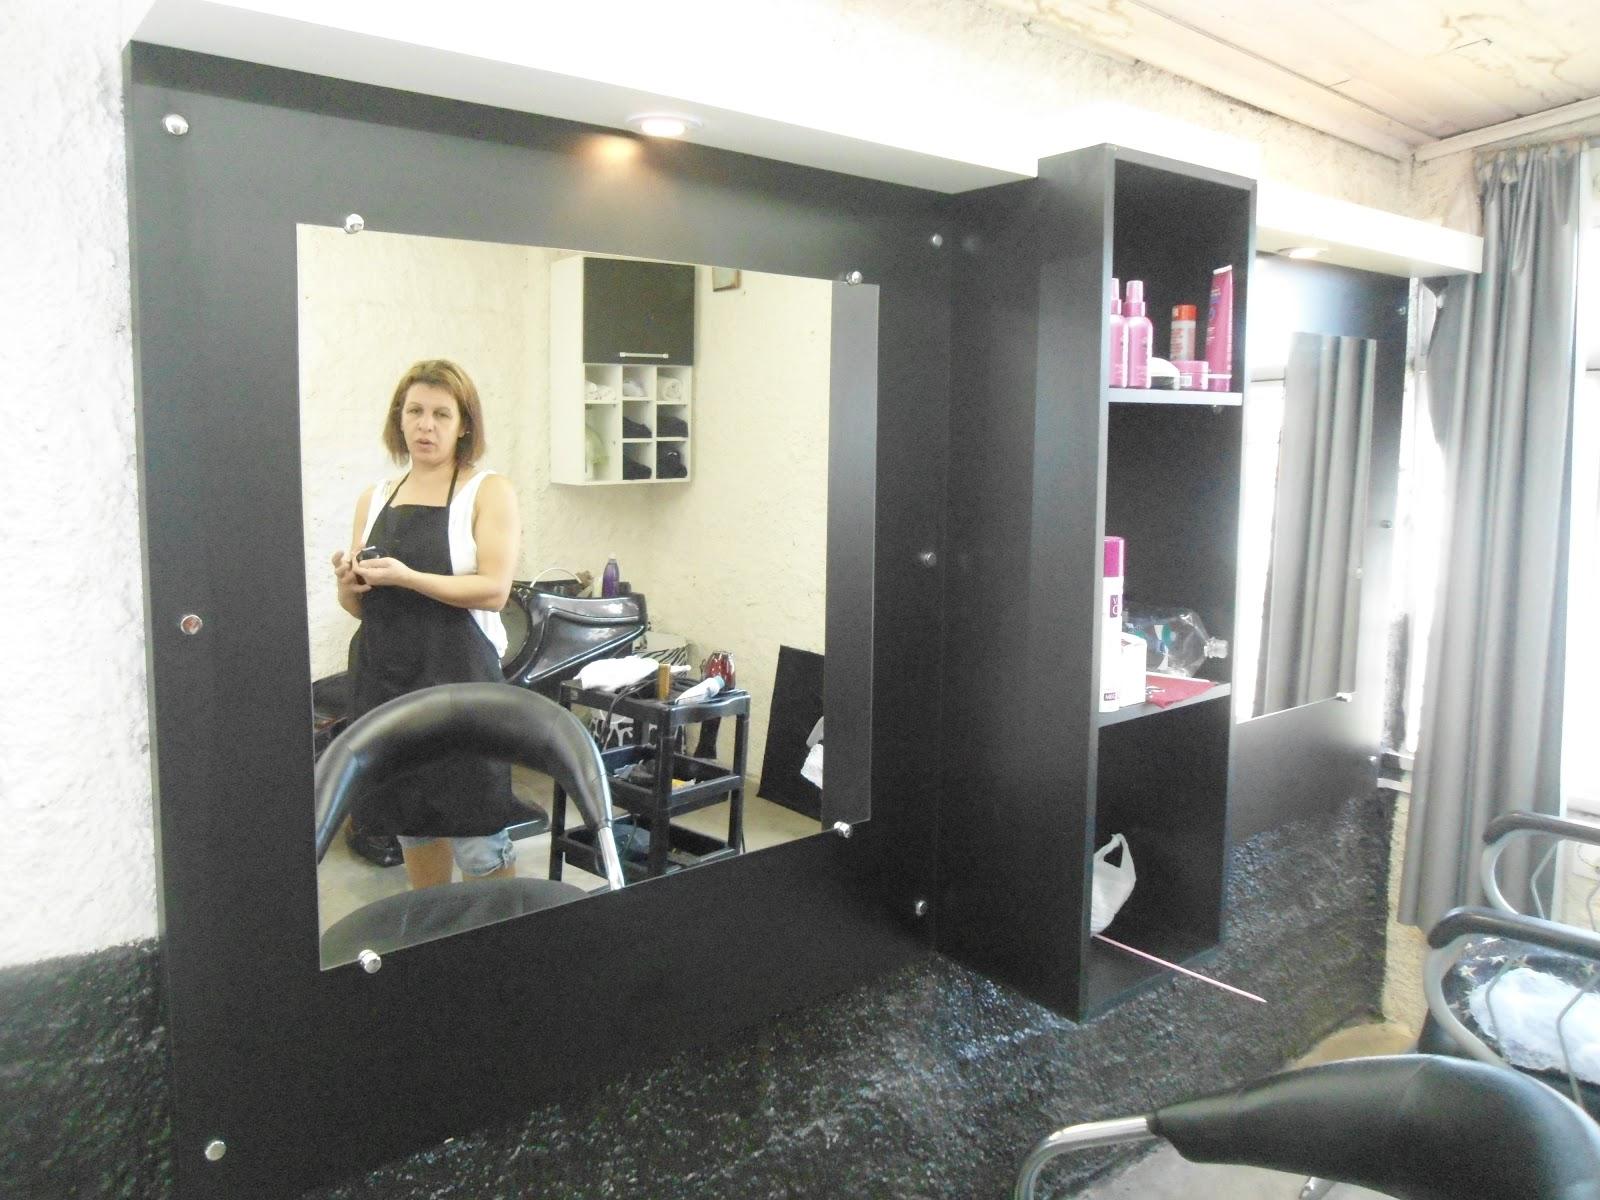 MONTADOR DE MÓVEIS CURITIBA: Móveis salão de beleza #7F634C 1600x1200